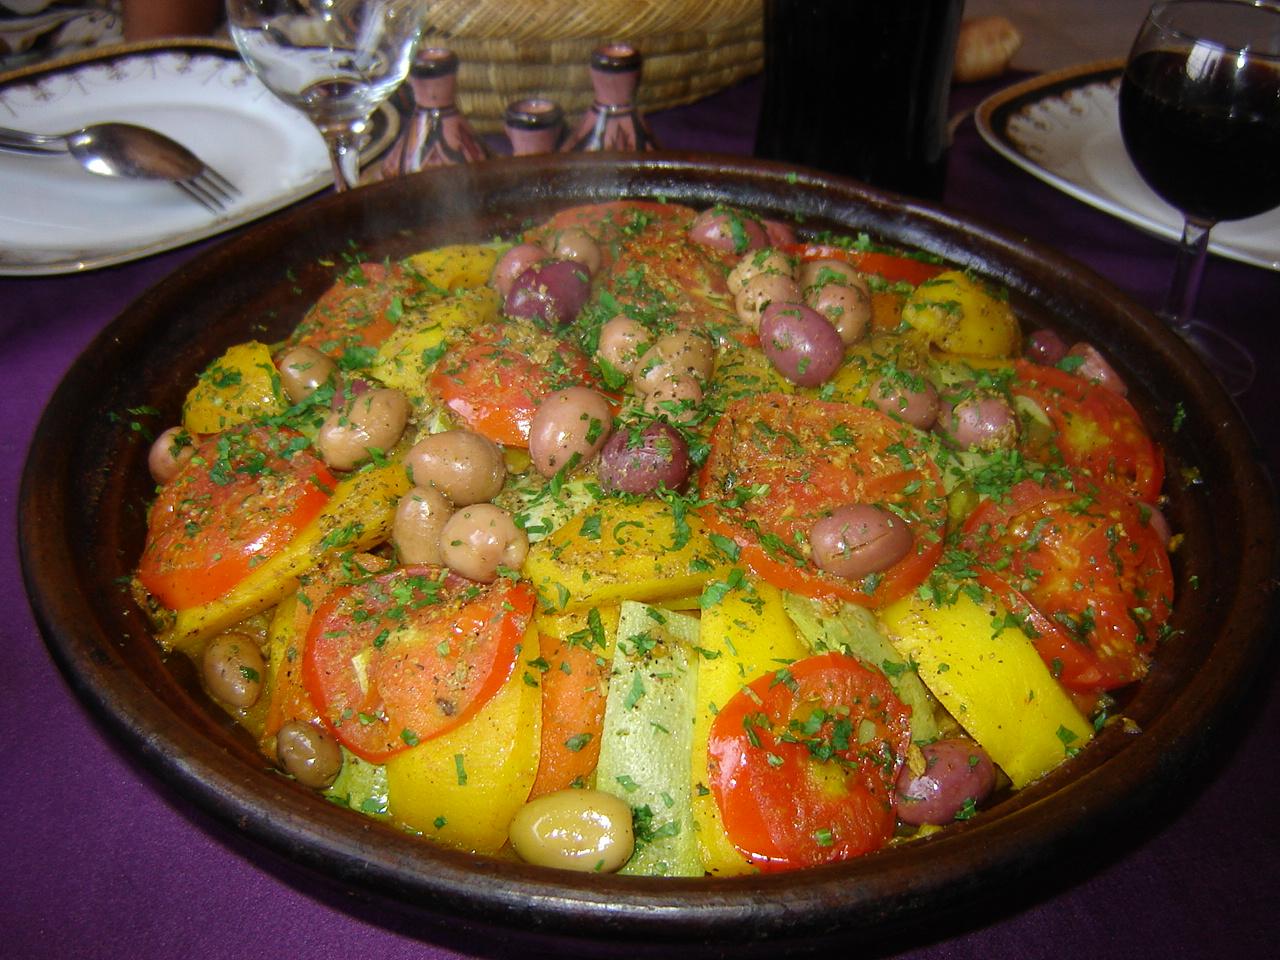 Spezie Marocchine Per Tajine.Cucina Marocchina Il Tajine Di Pesce Di Safi Arabpress